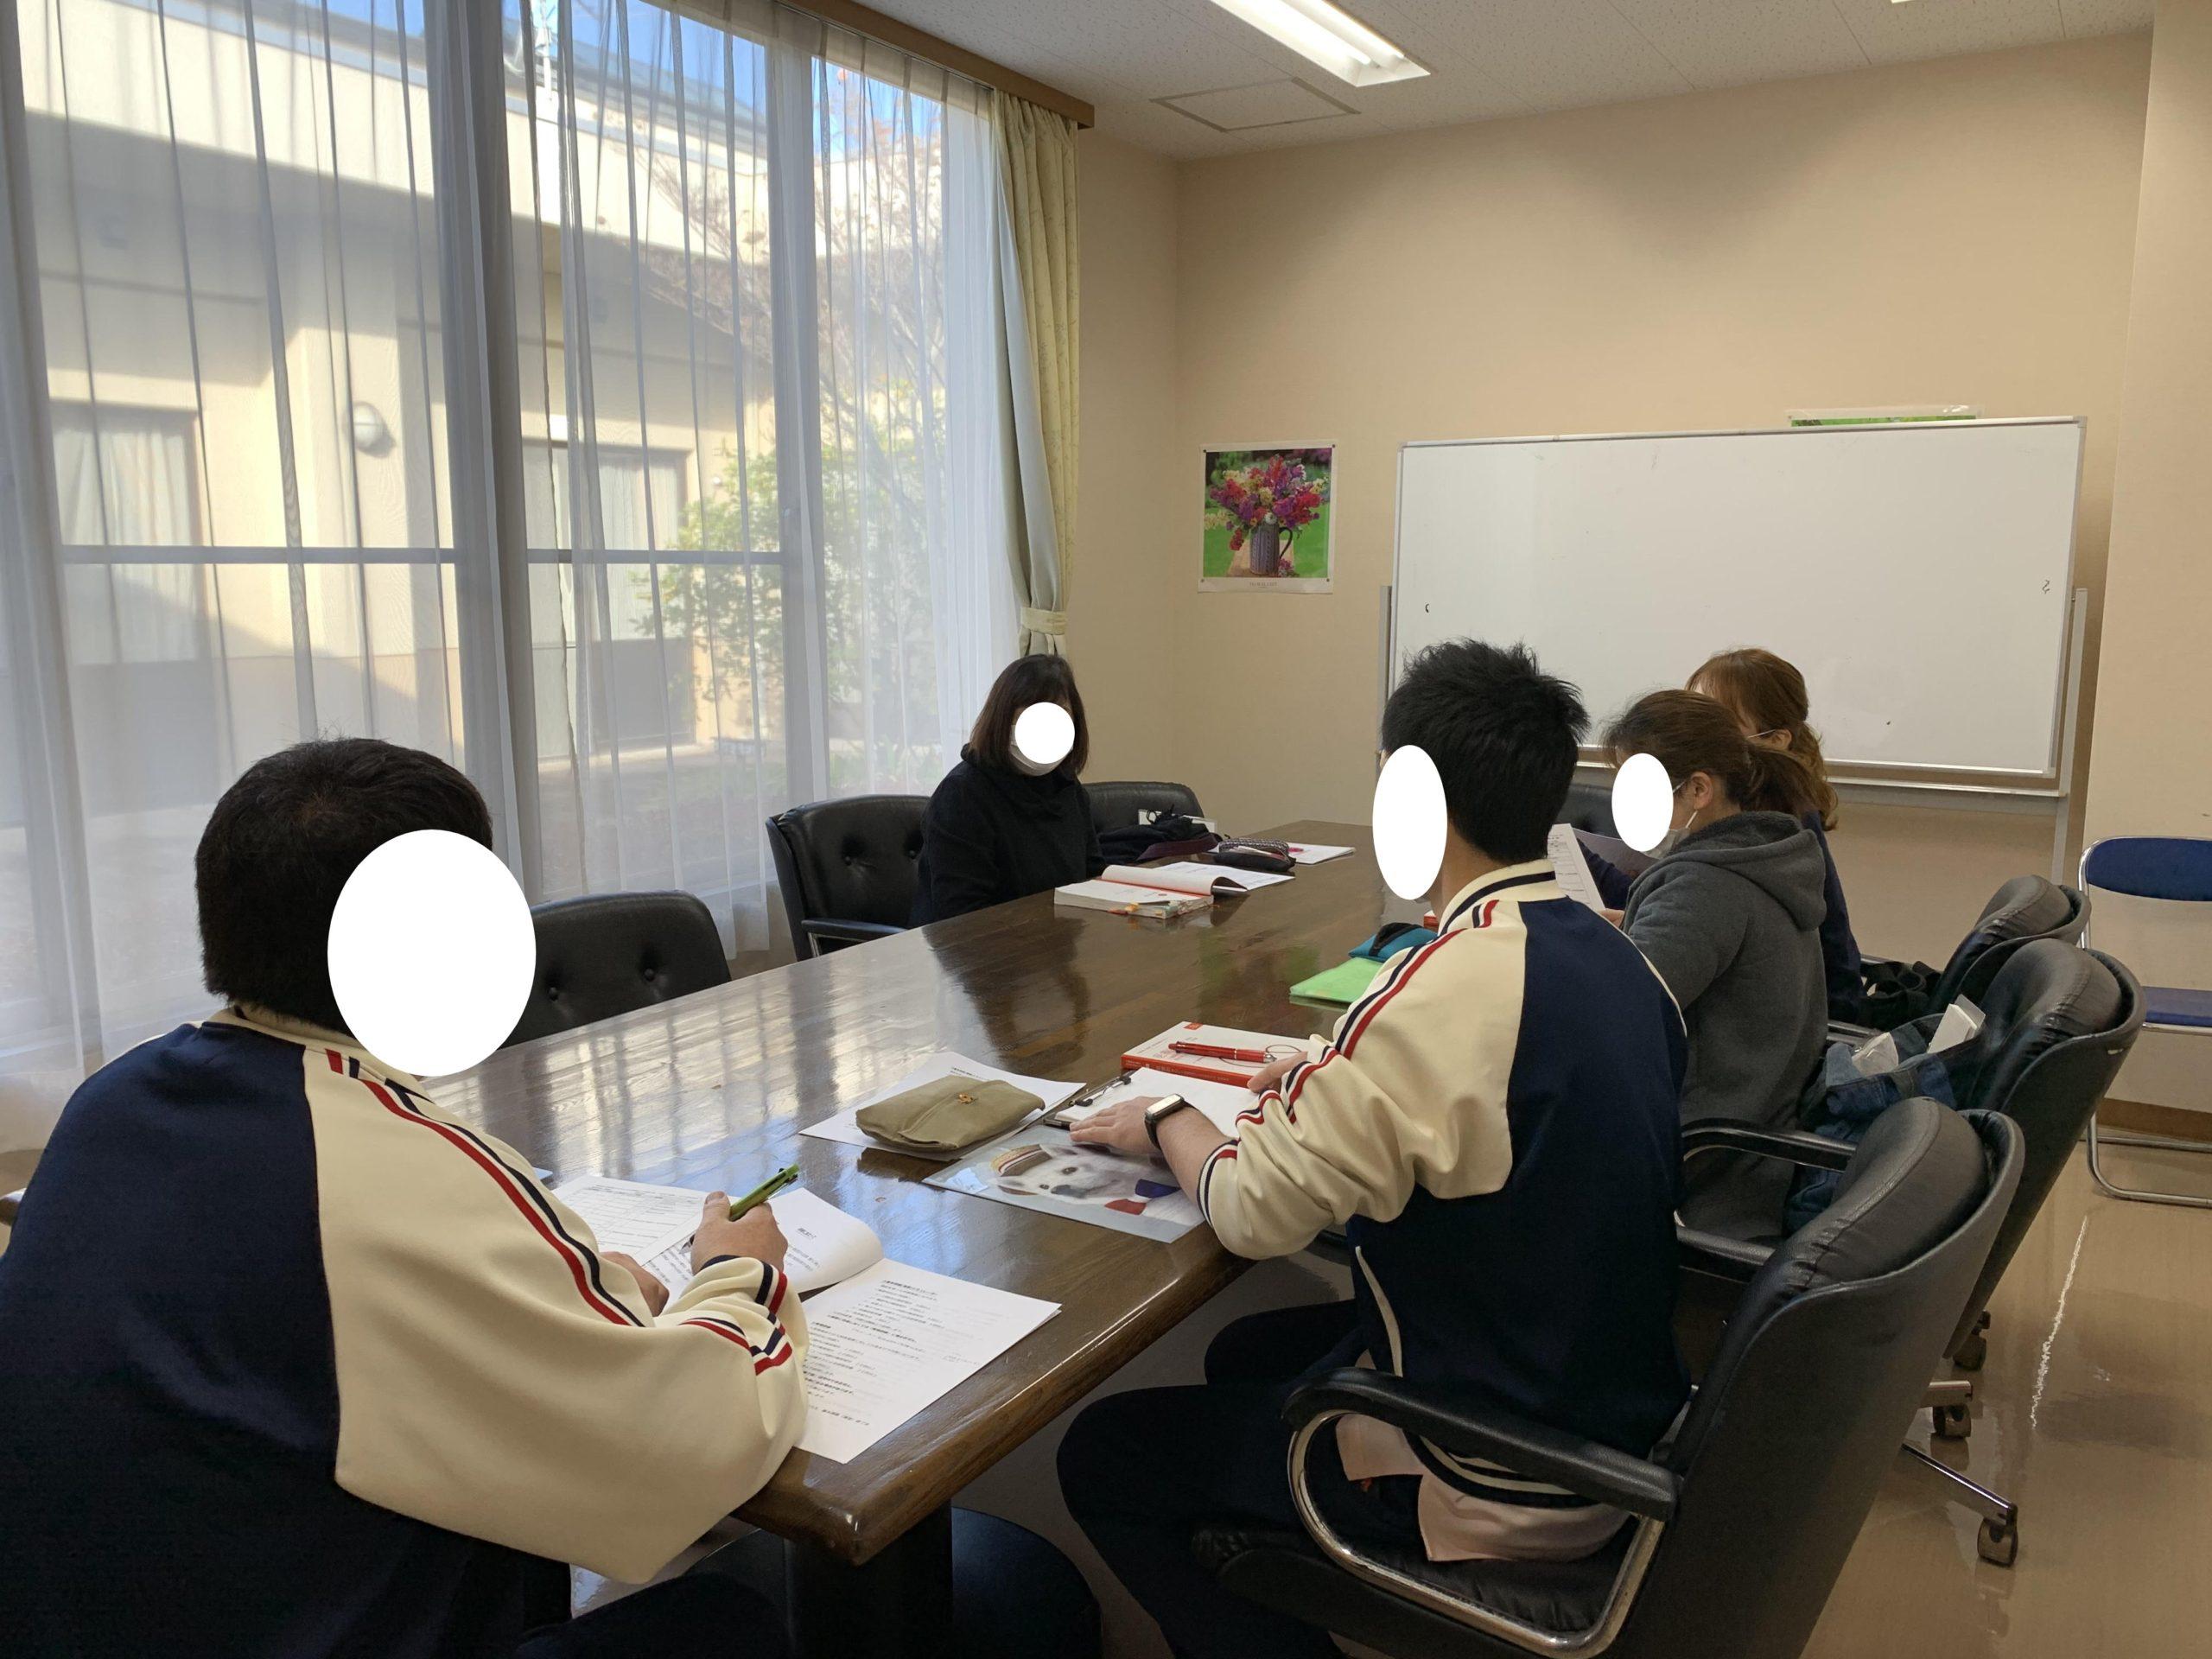 熊本県玉名市 特別養護老人ホーム(5班目)様